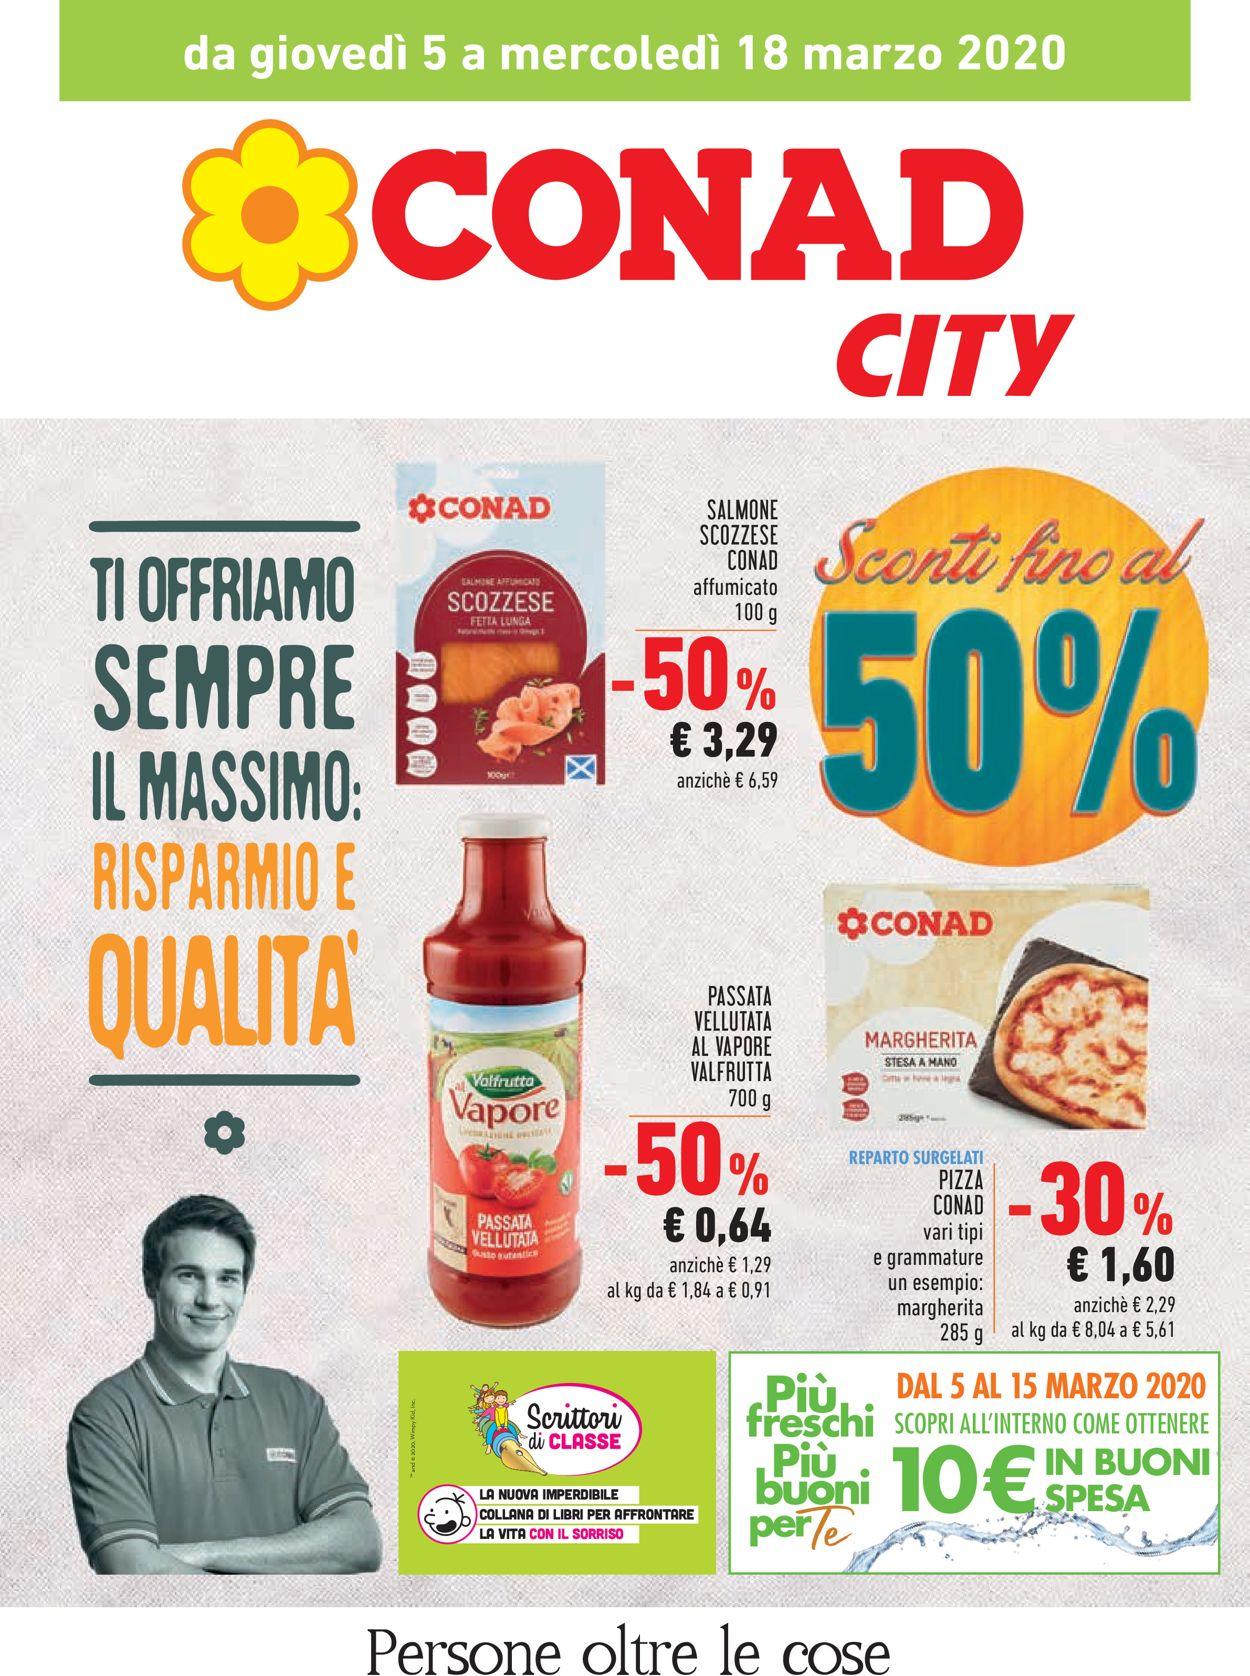 Volantino Conad - Offerte 05/03-18/03/2020